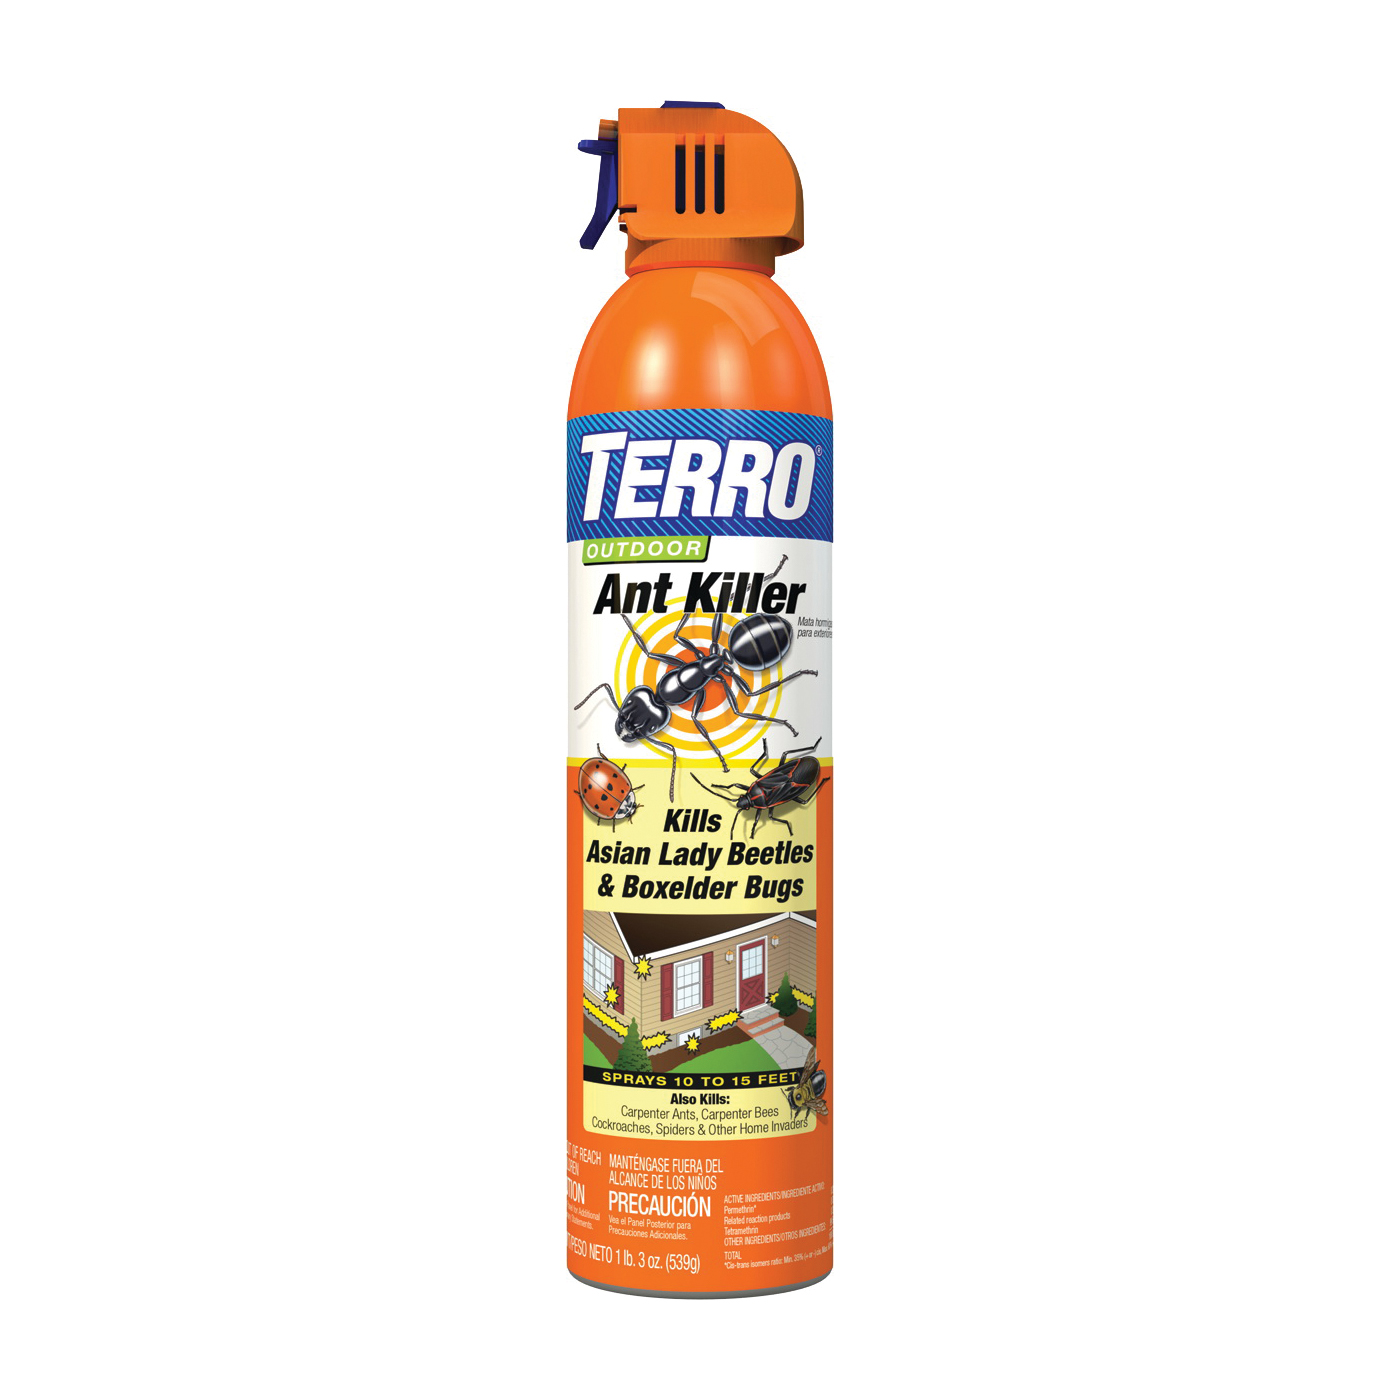 TERRO T1700-6